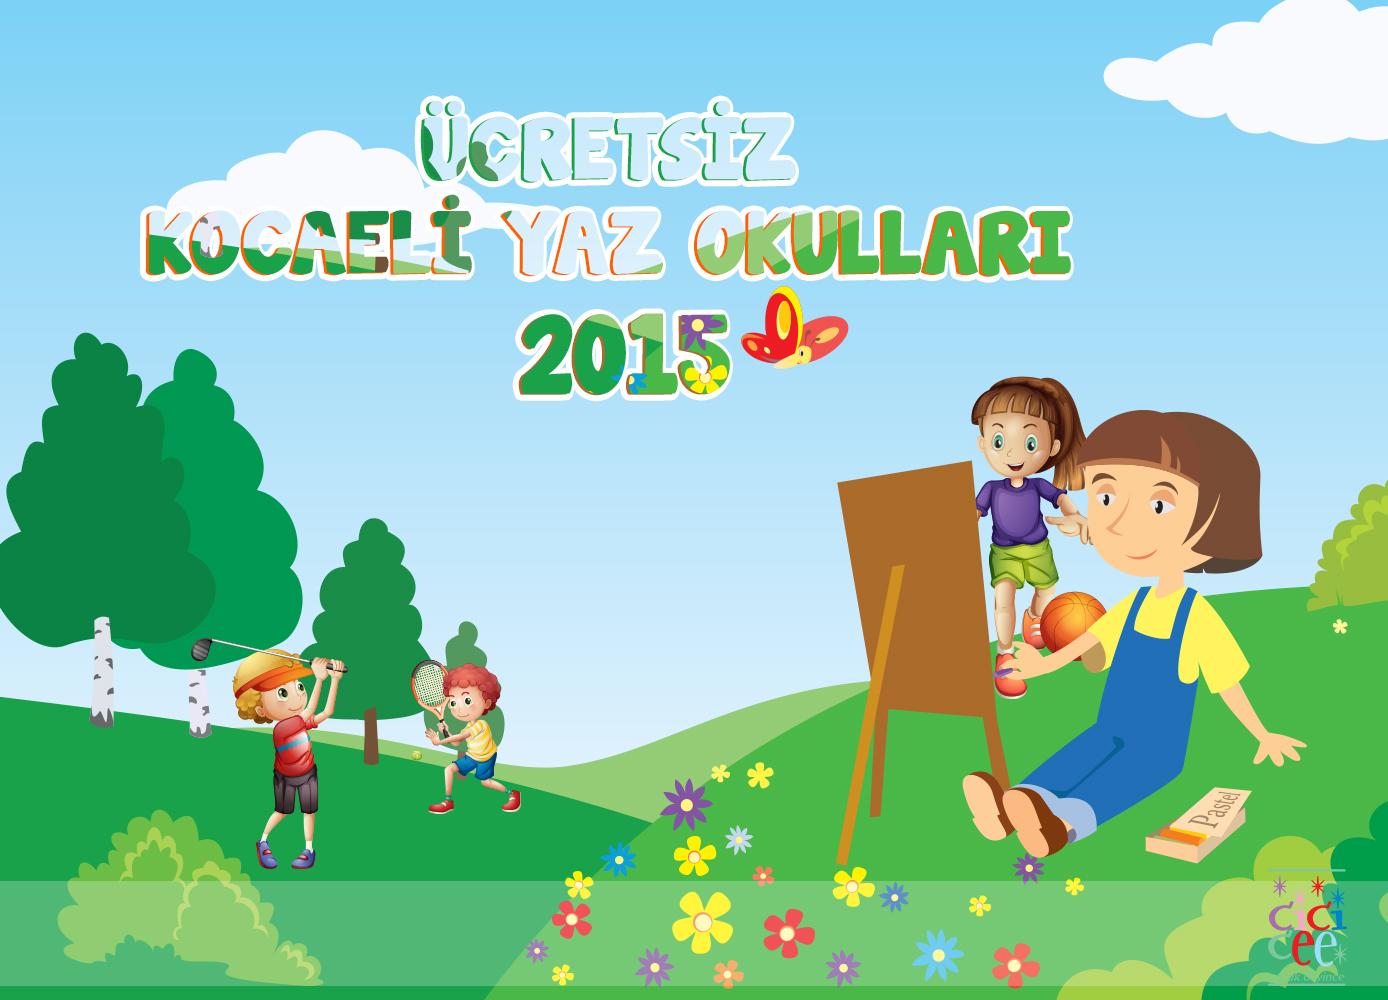 İstanbul Ücretsiz Yaz Okulları 2015 30